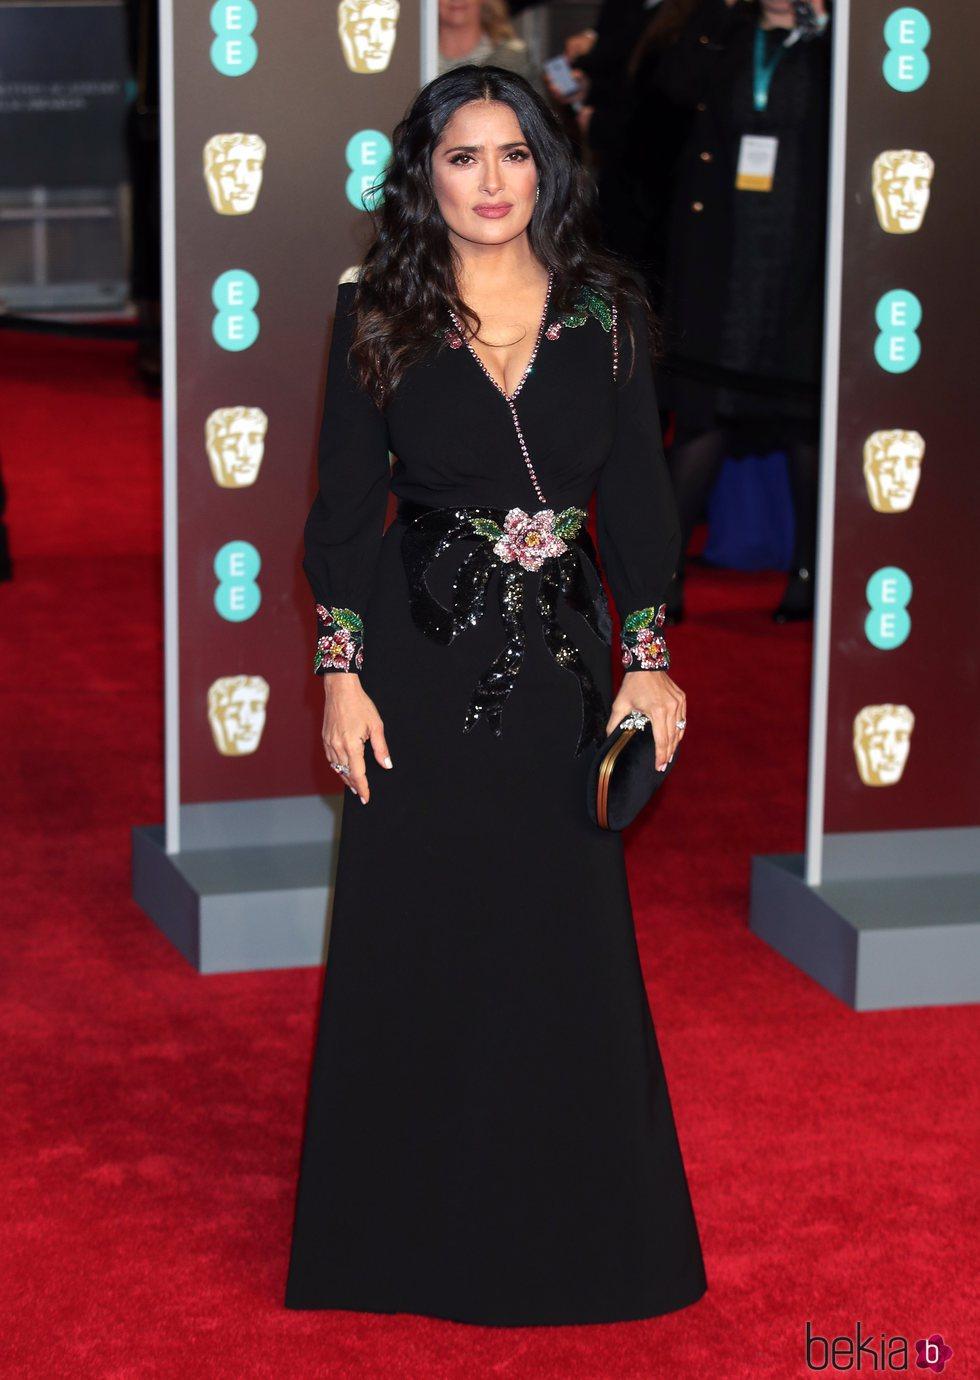 285d27bca Anterior Salma Hayek con su vestido negro de Gucci en la alfombra roja de  los Premios BAFTA